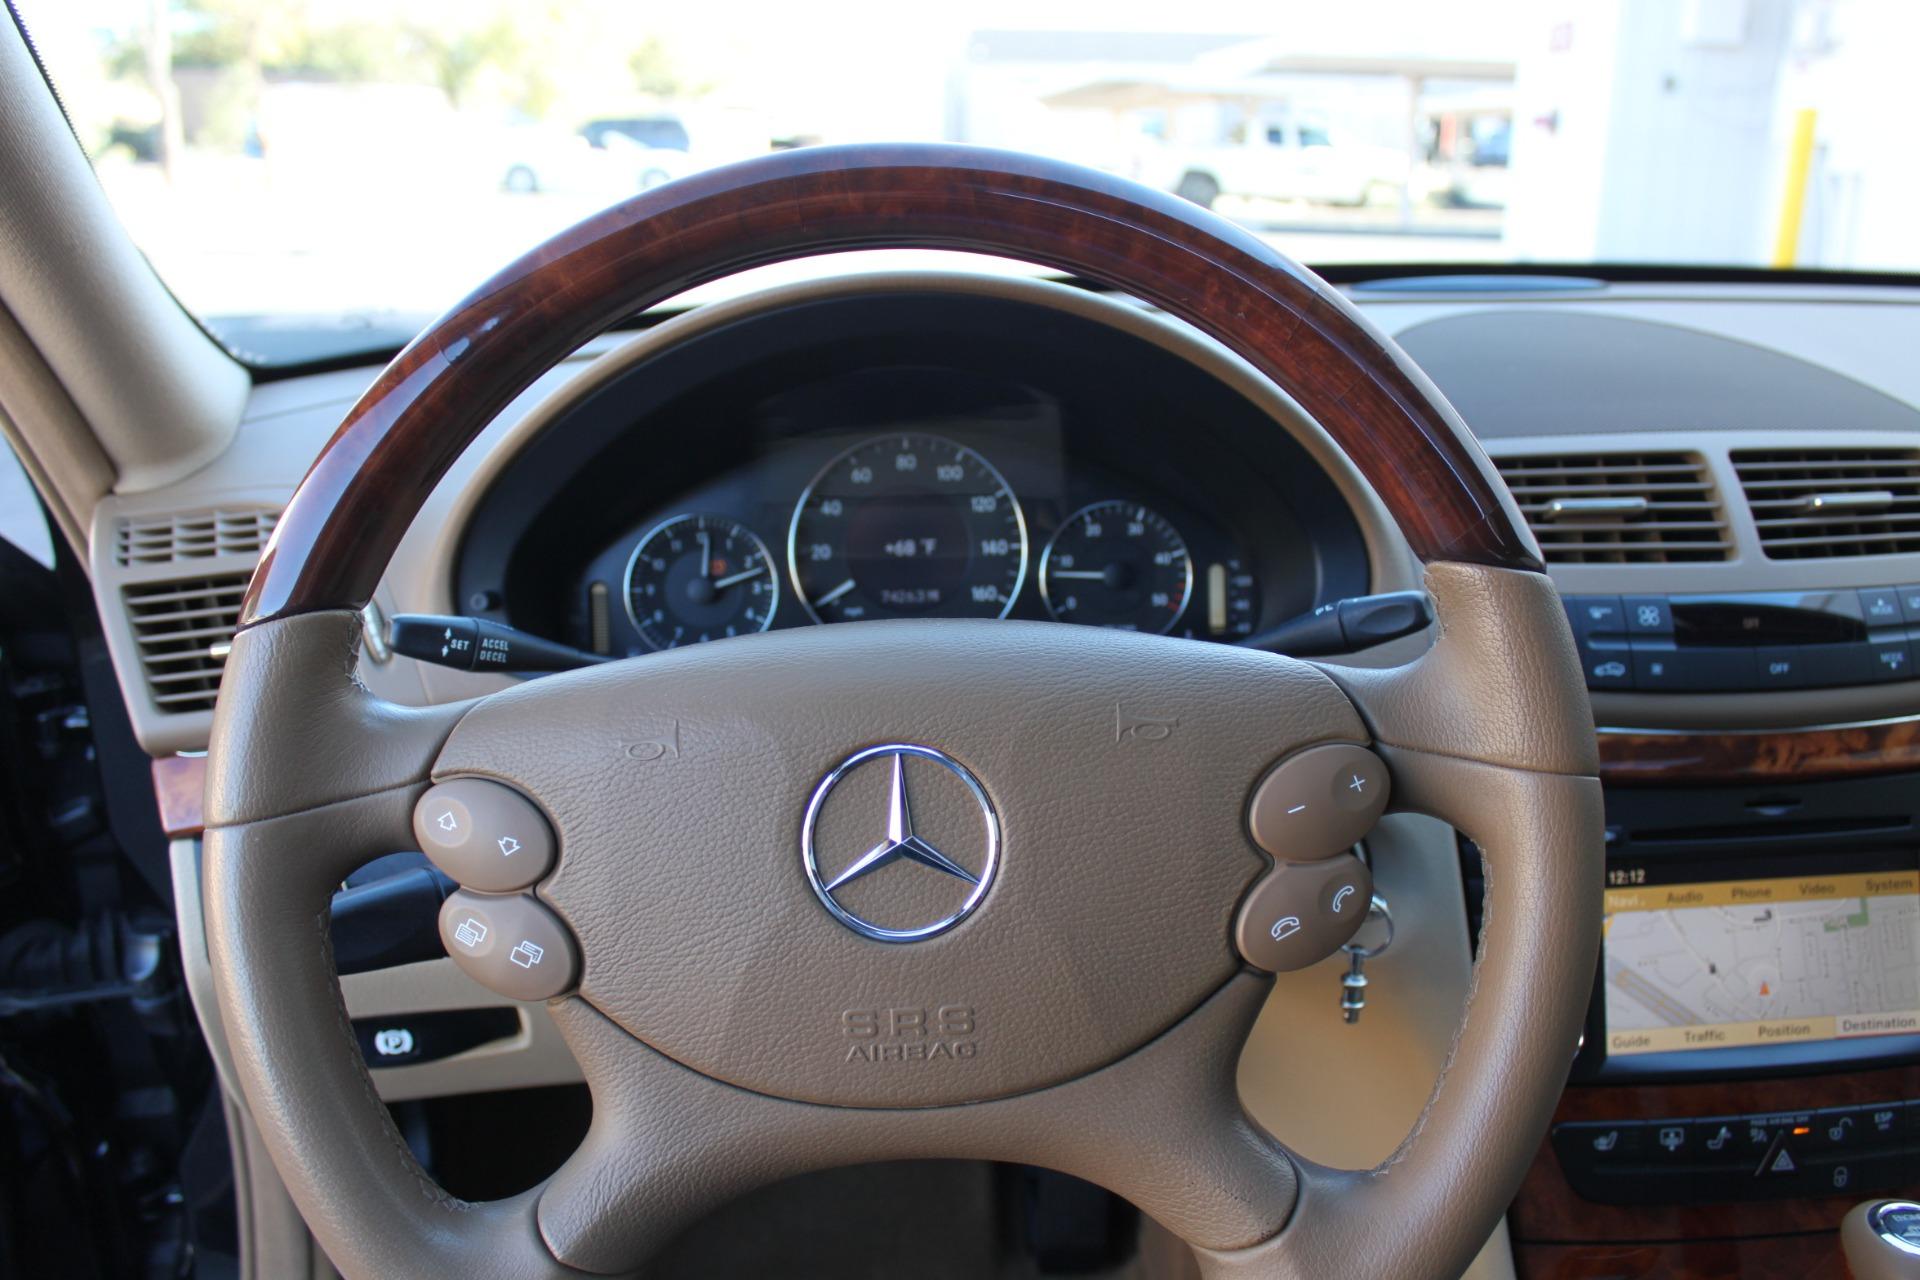 Used-2009-Mercedes-Benz-E-Class-E320-30L-BlueTEC-Jeep